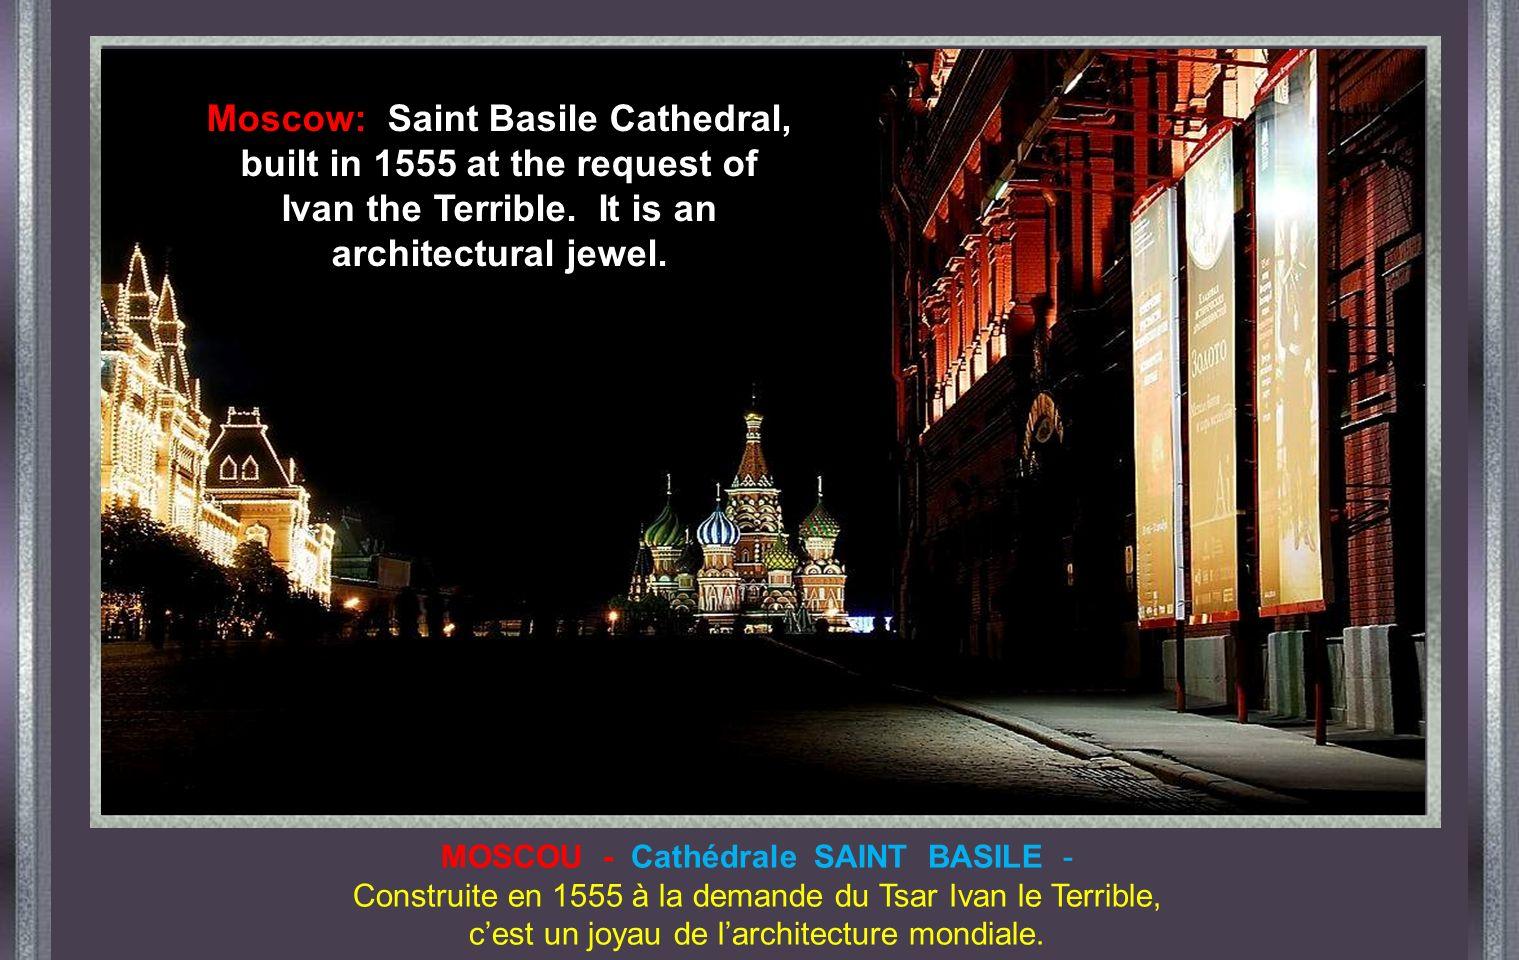 MOSCOU - Cathédrale SAINT BASILE - Construite en 1555 à la demande du Tsar Ivan le Terrible, cest un joyau de larchitecture mondiale.